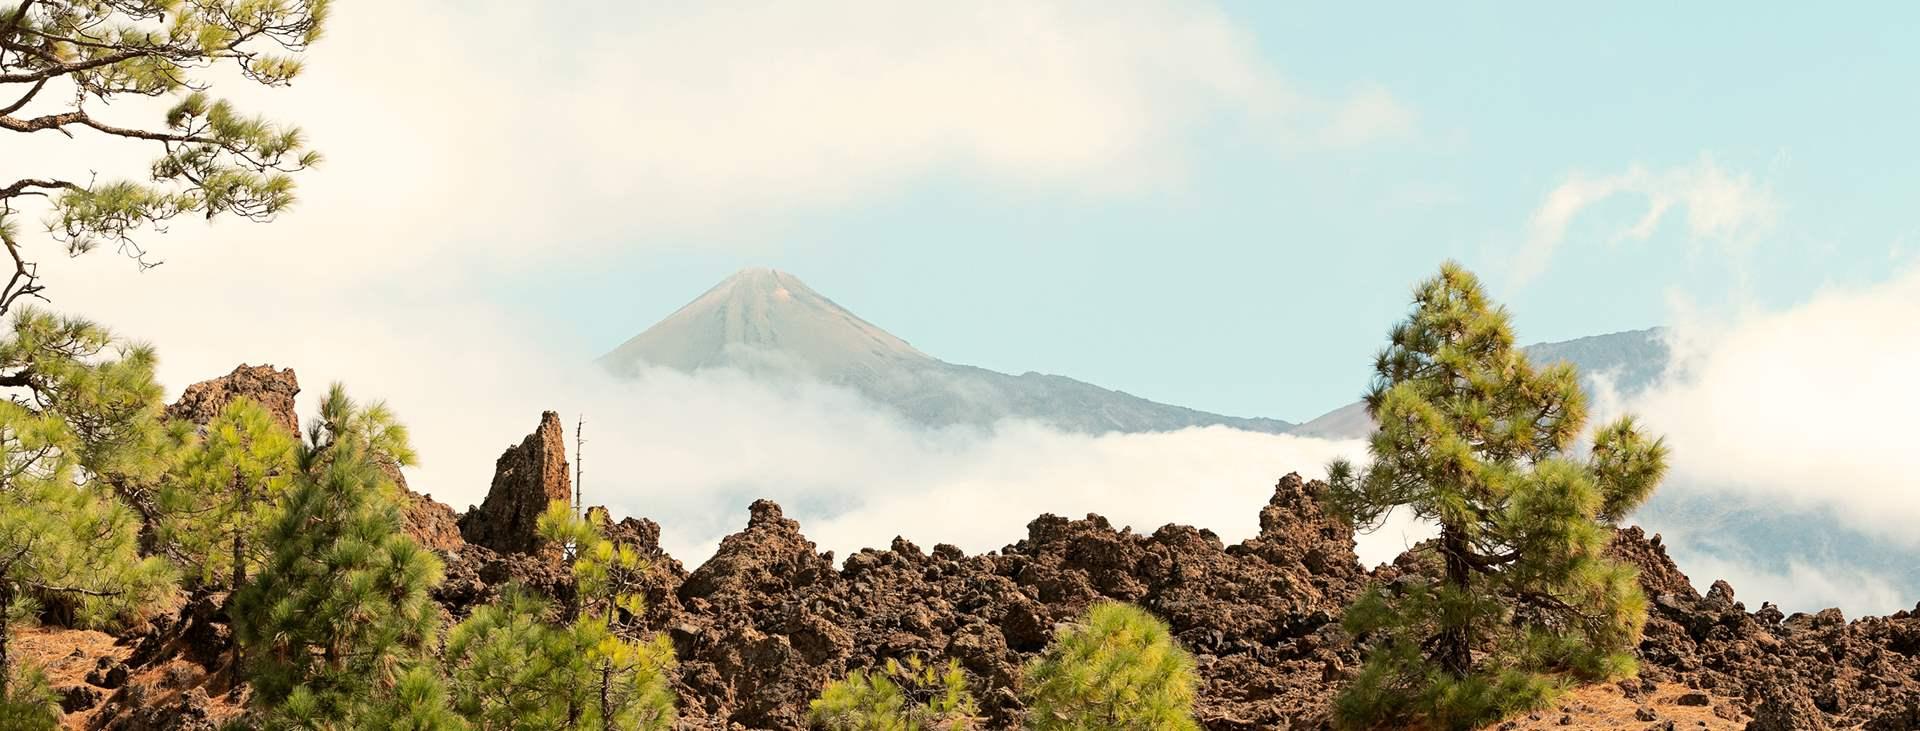 Boka din resa till Teneriffa, Kanarieöarna, med Ving